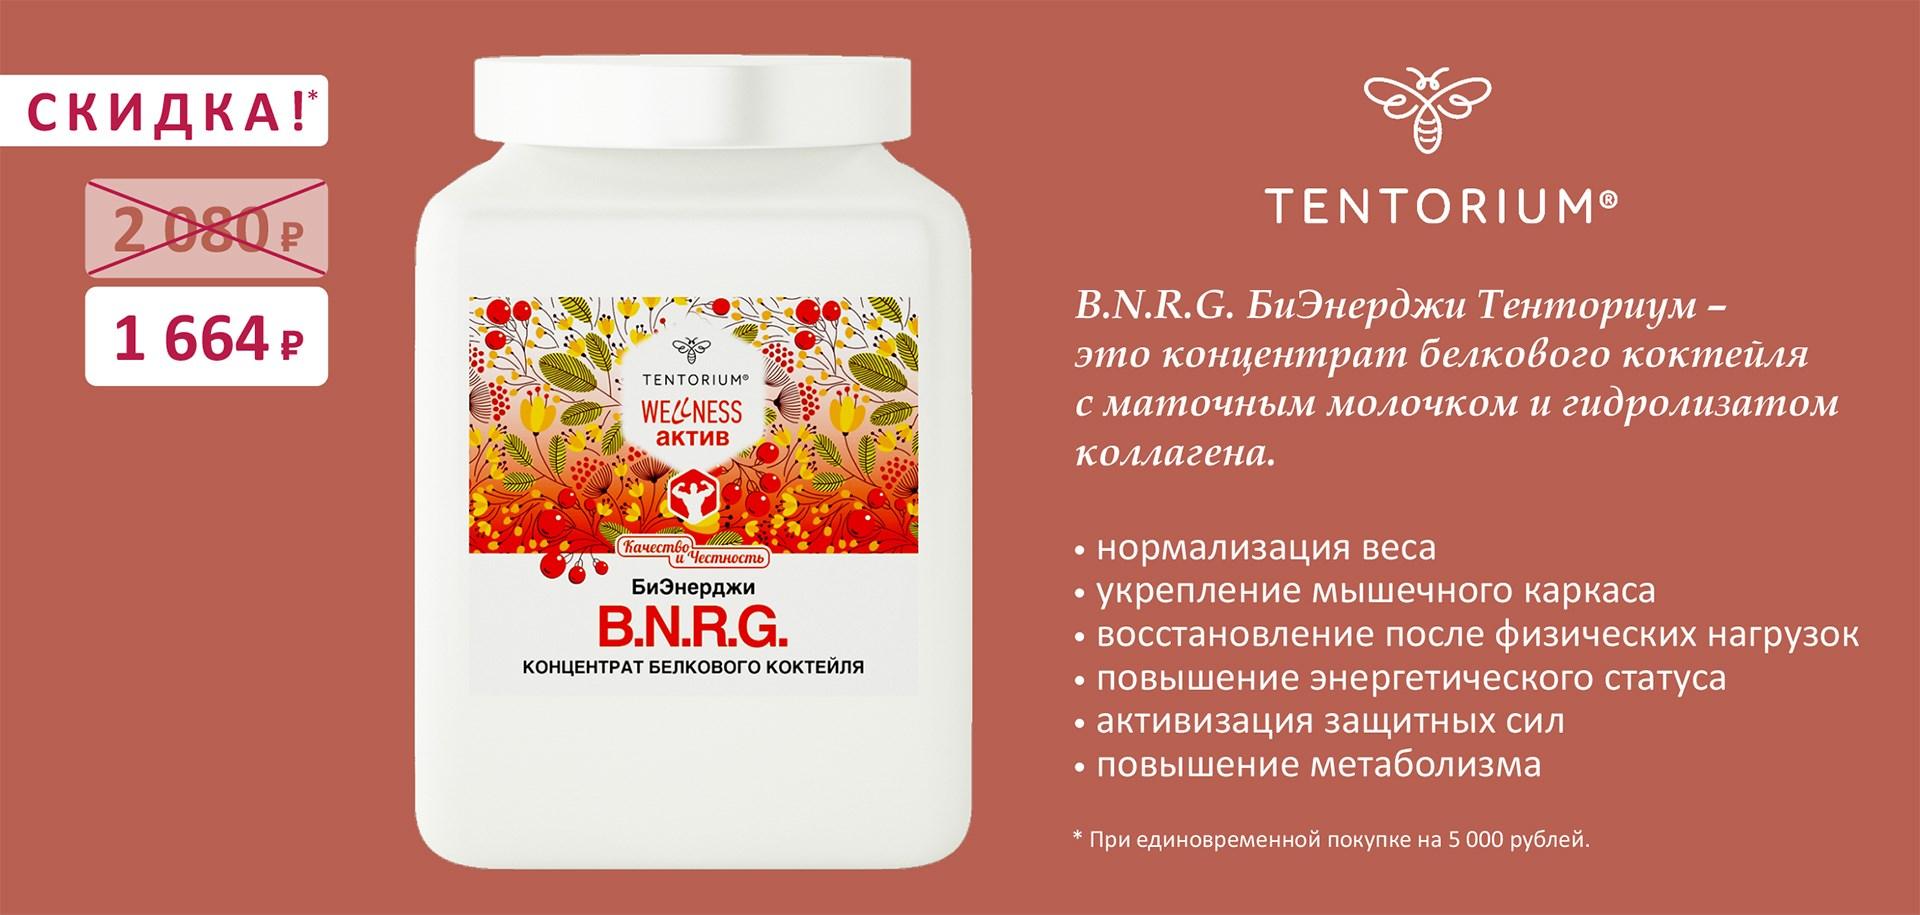 БиЭнерджи B.N.R.G. концентрат белкового коктейля ТЕНТОРИУМ купить со скидкой официальный магазин TENTORIUM